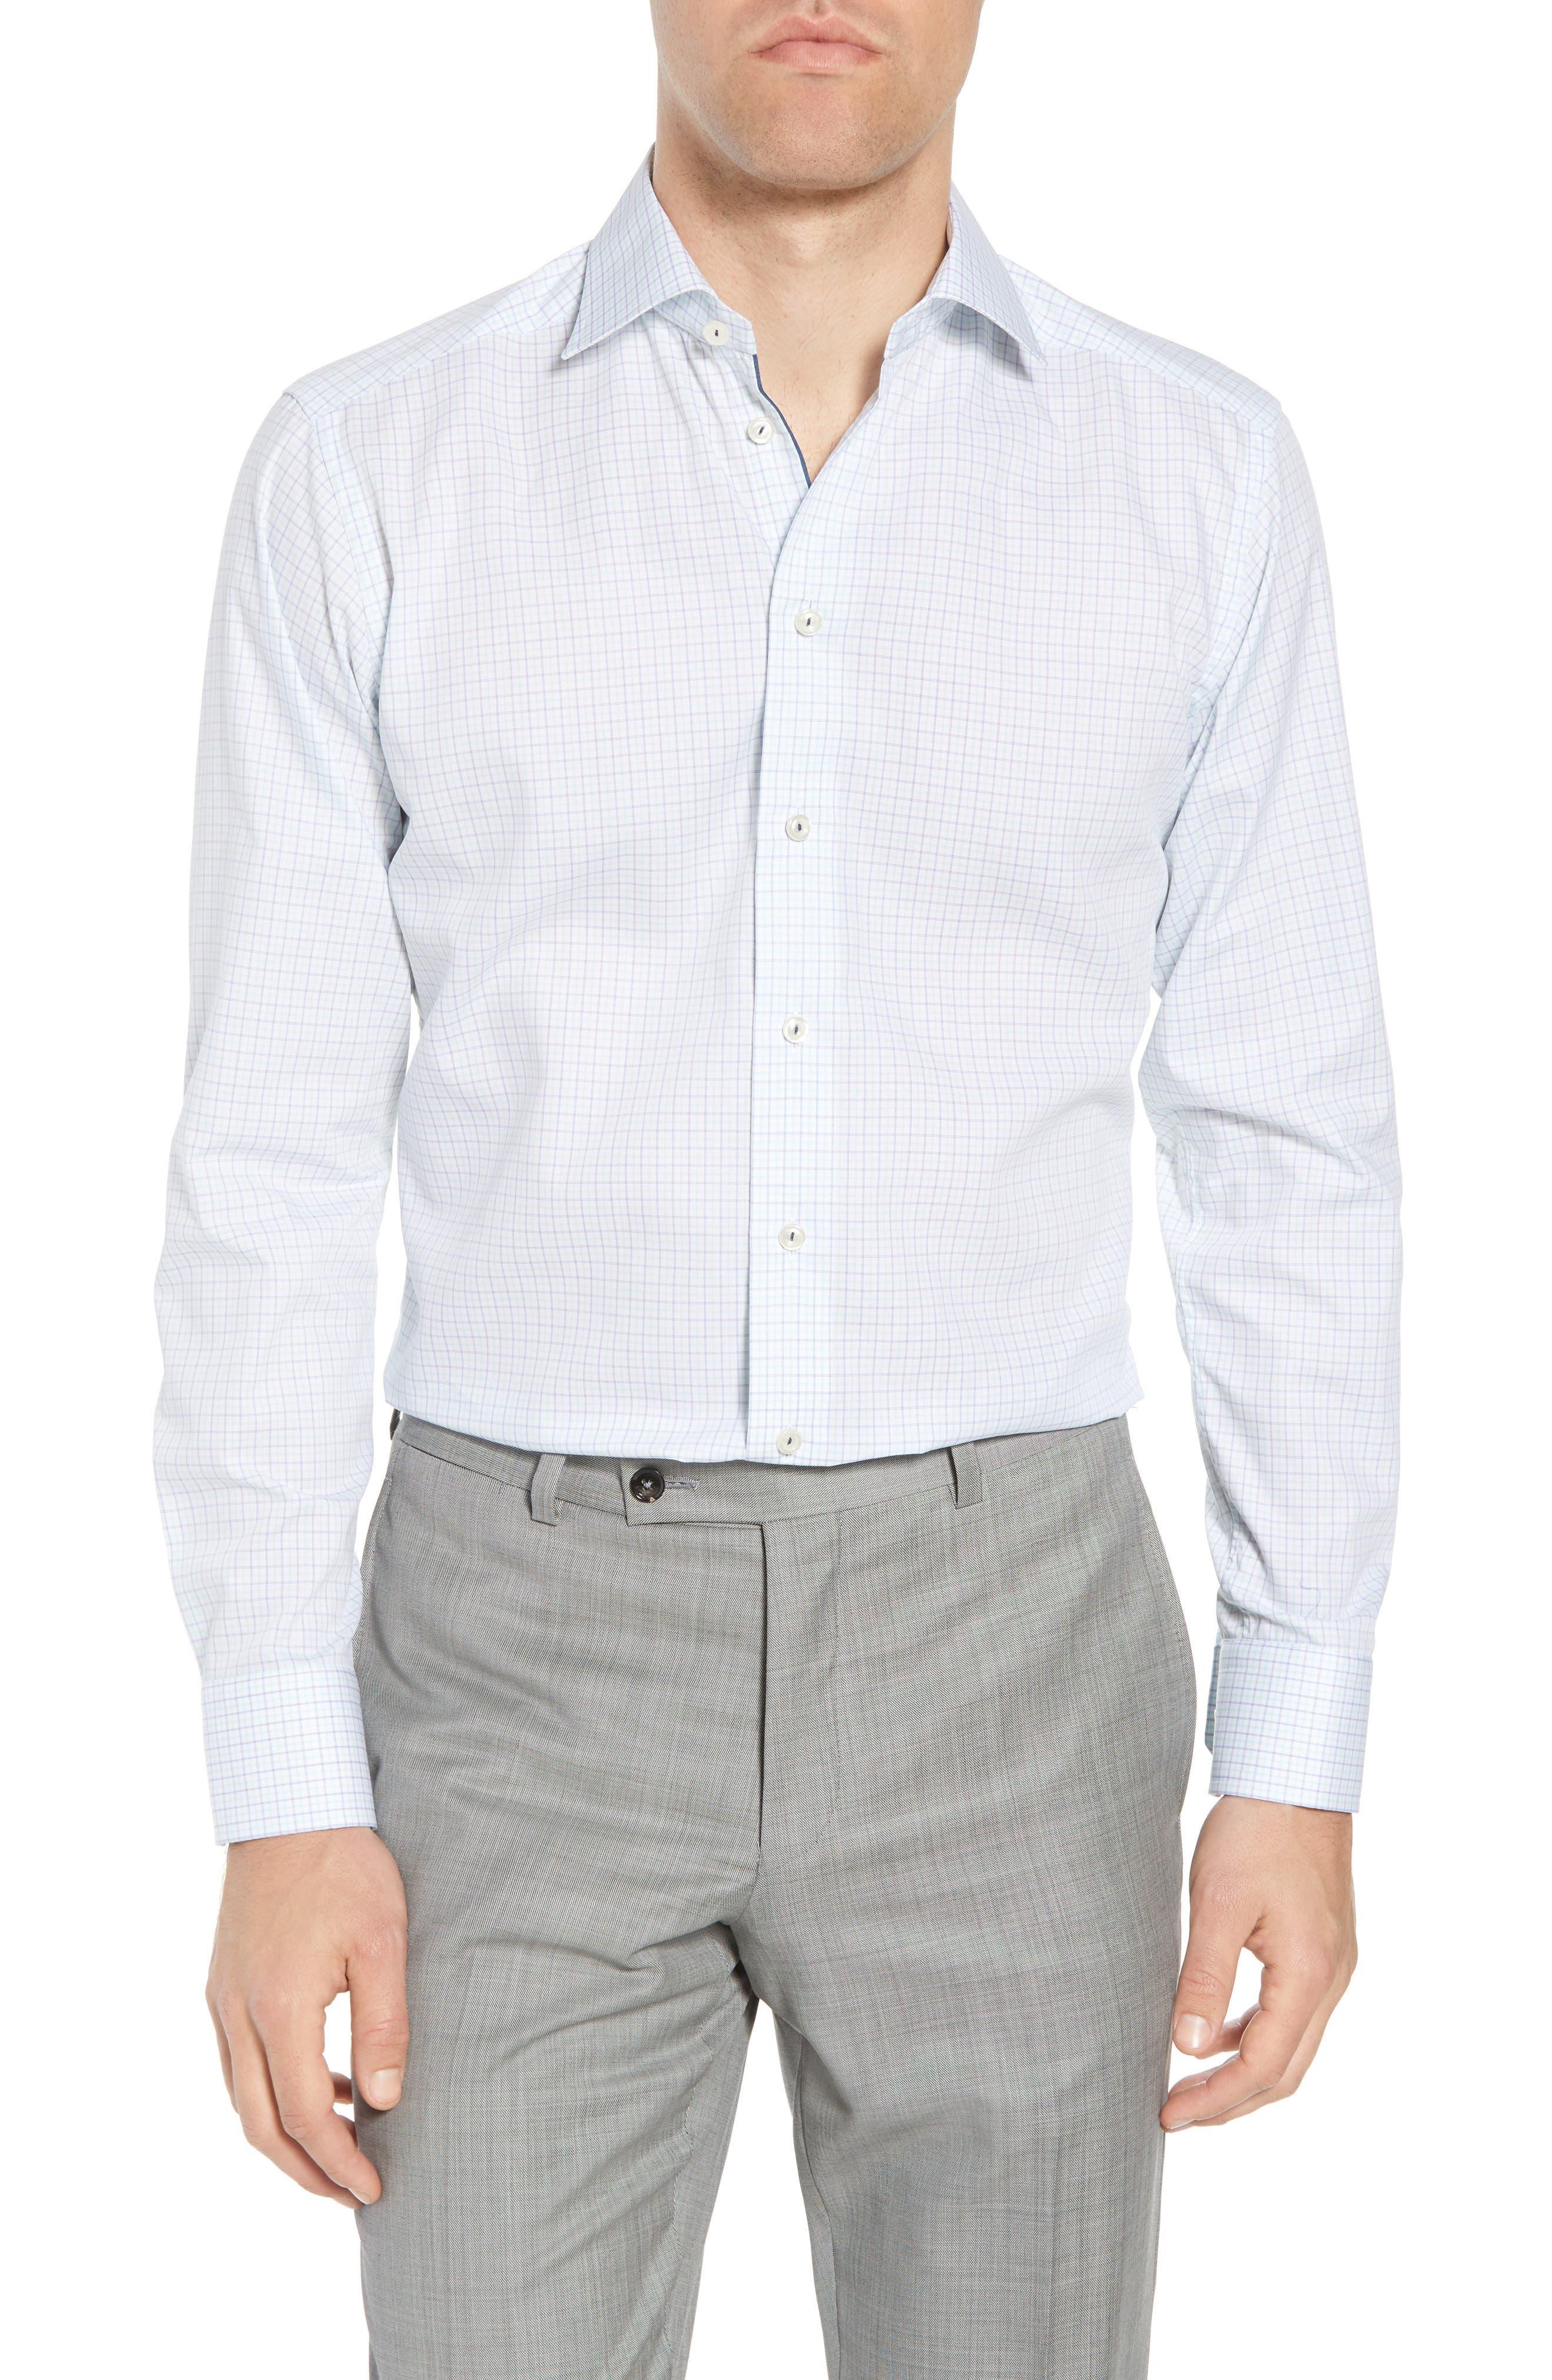 Main Image - Eton Slim Fit Check Dress Shirt